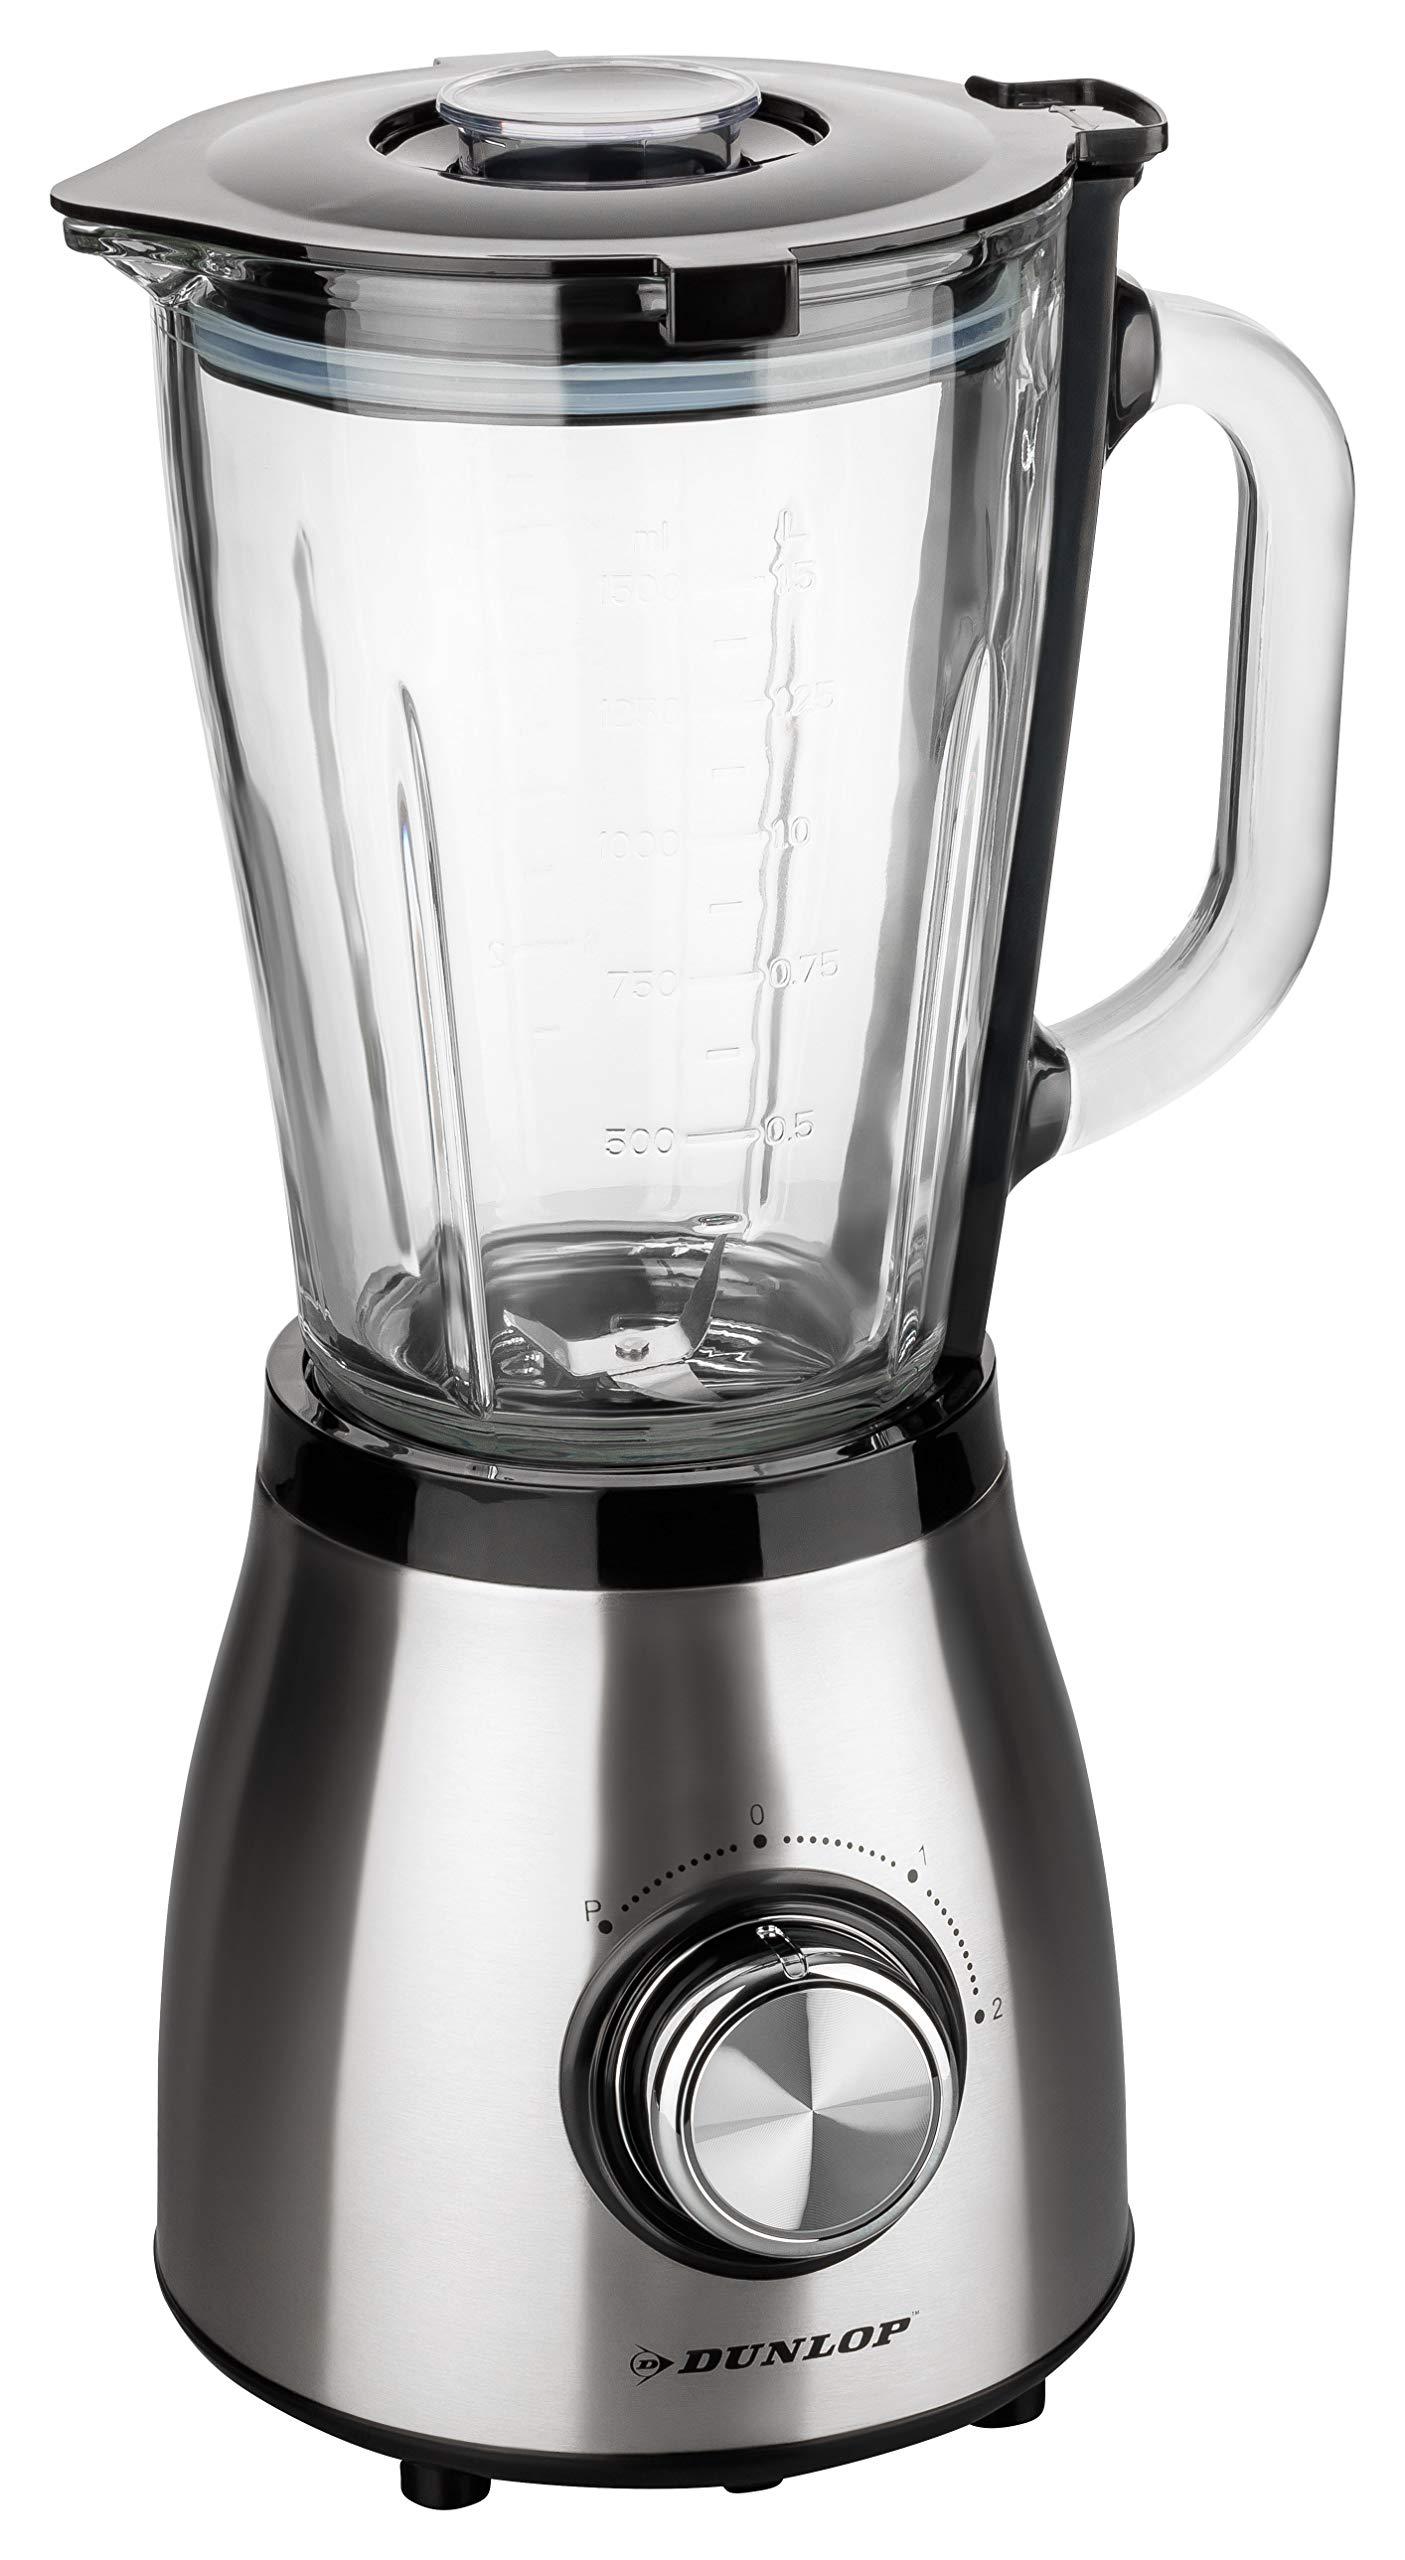 DUNLOP-Standmixer-Edelstahl-500-Watt-15L-Glasbehlter-Smoothie-Maker-2-Geschwindigkeiten-07PS-doppelte-Sicherheitsverriegelung-Easy-Clean